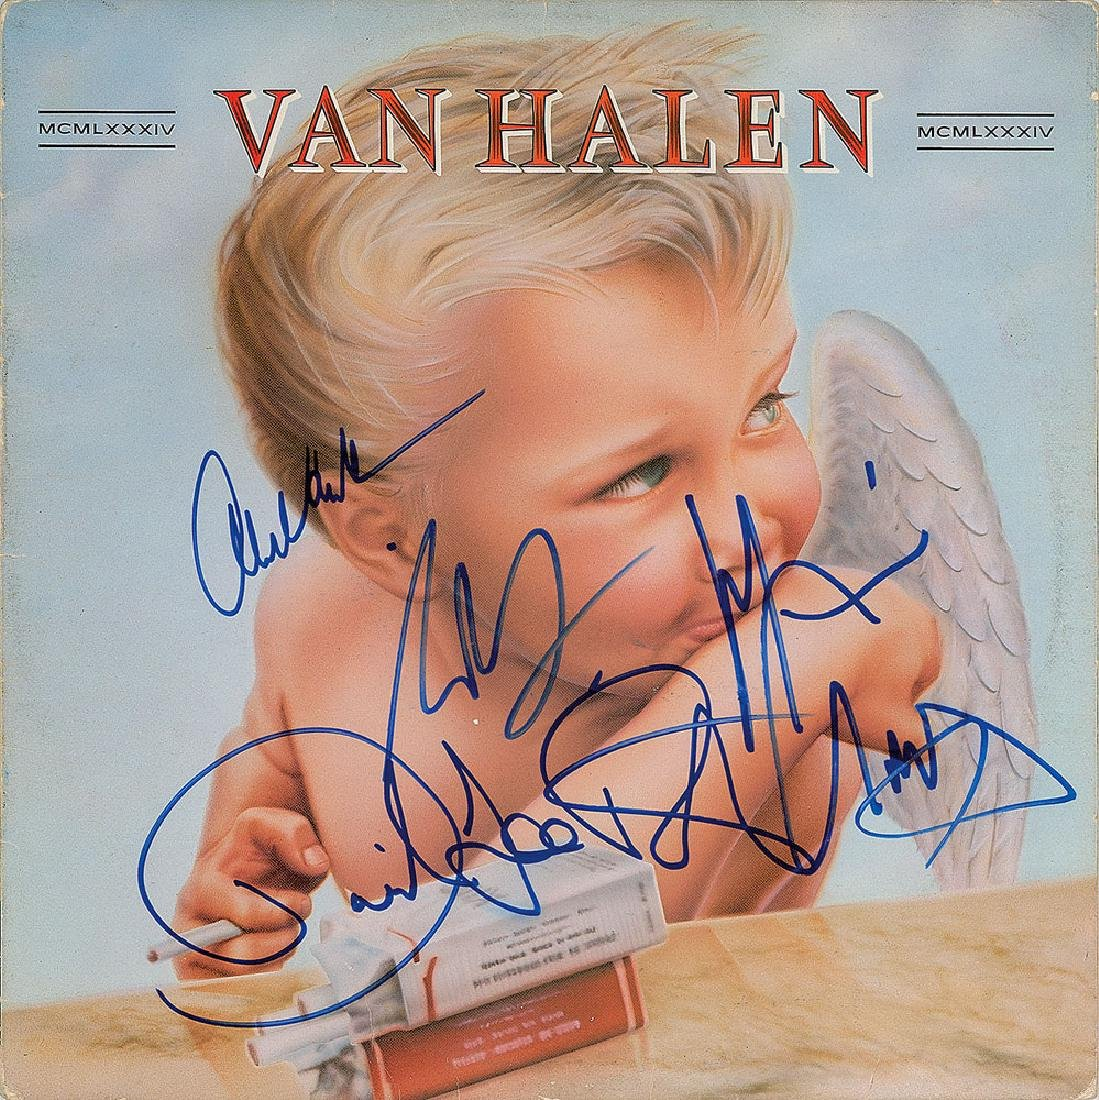 Van Halen Signed Album